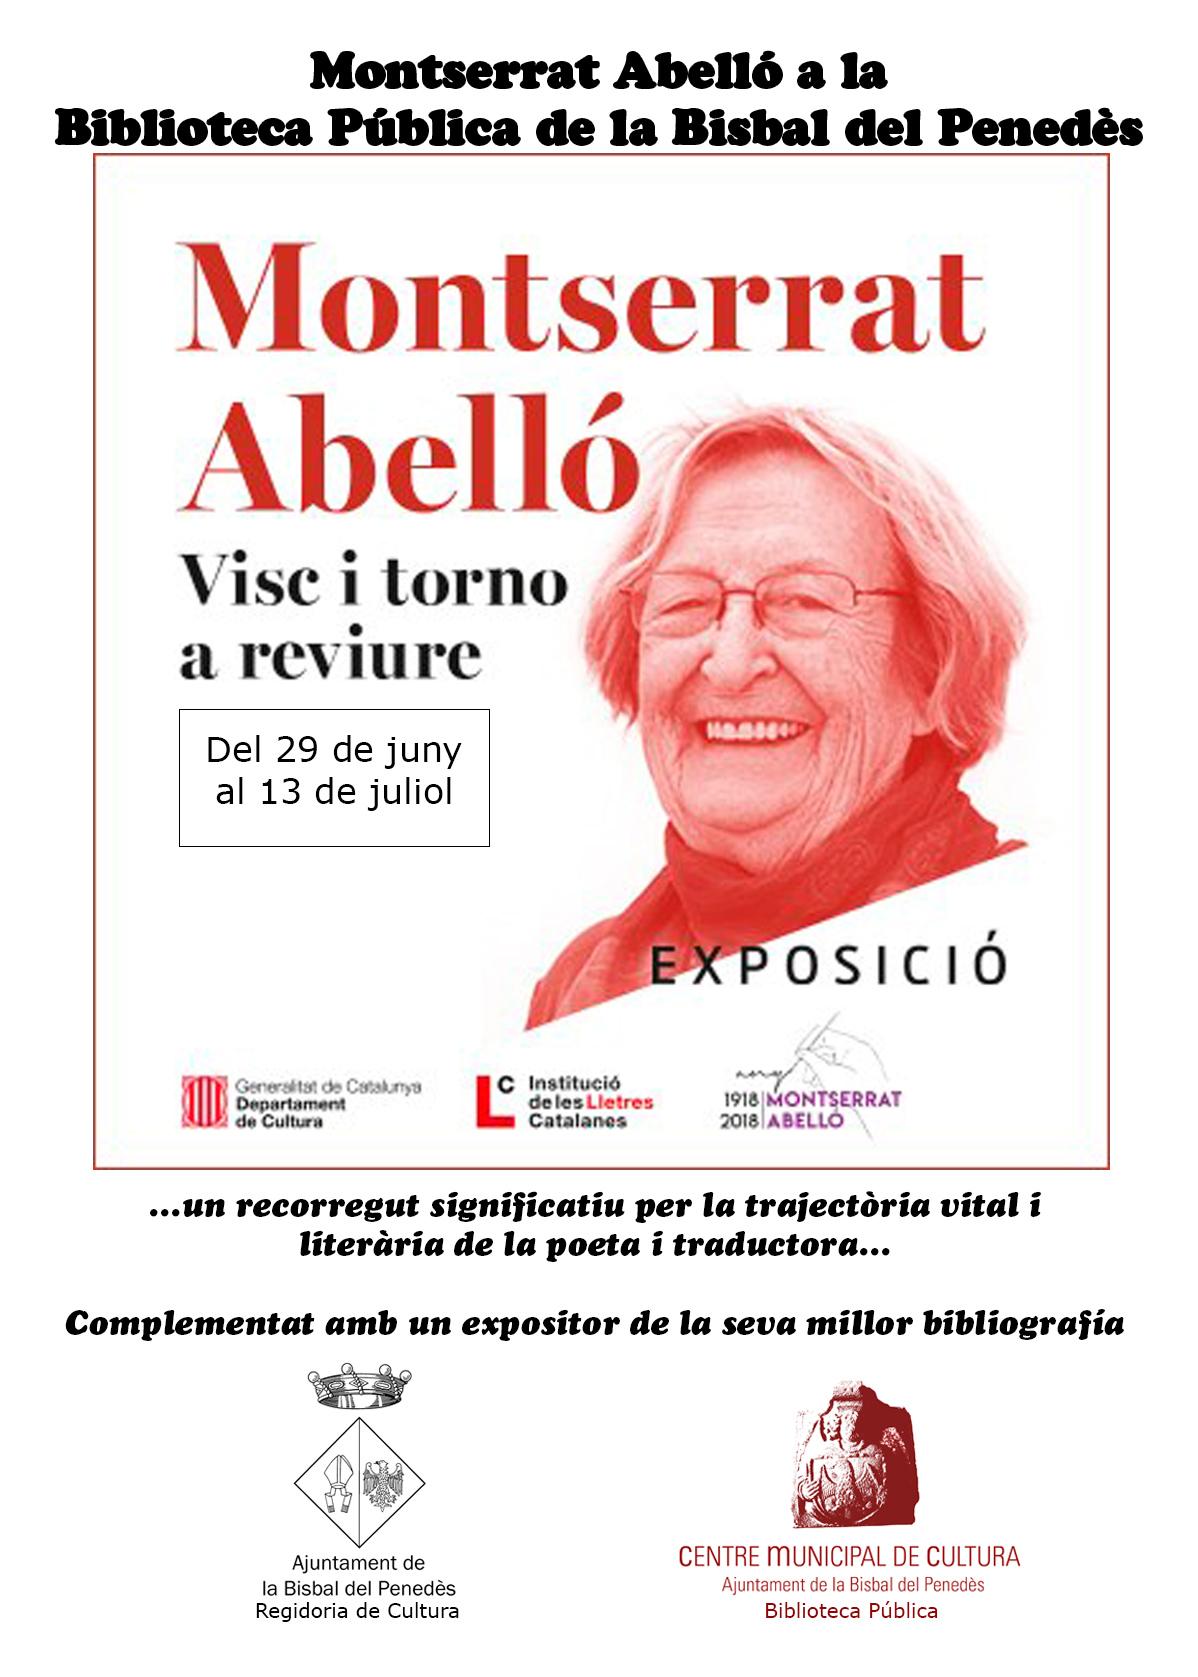 La Biblioteca Pública de la Bisbal del Penedès acollirà l'exposició 'Montserrat Abelló: Visc i torno a viure' a partir del 29 de juny